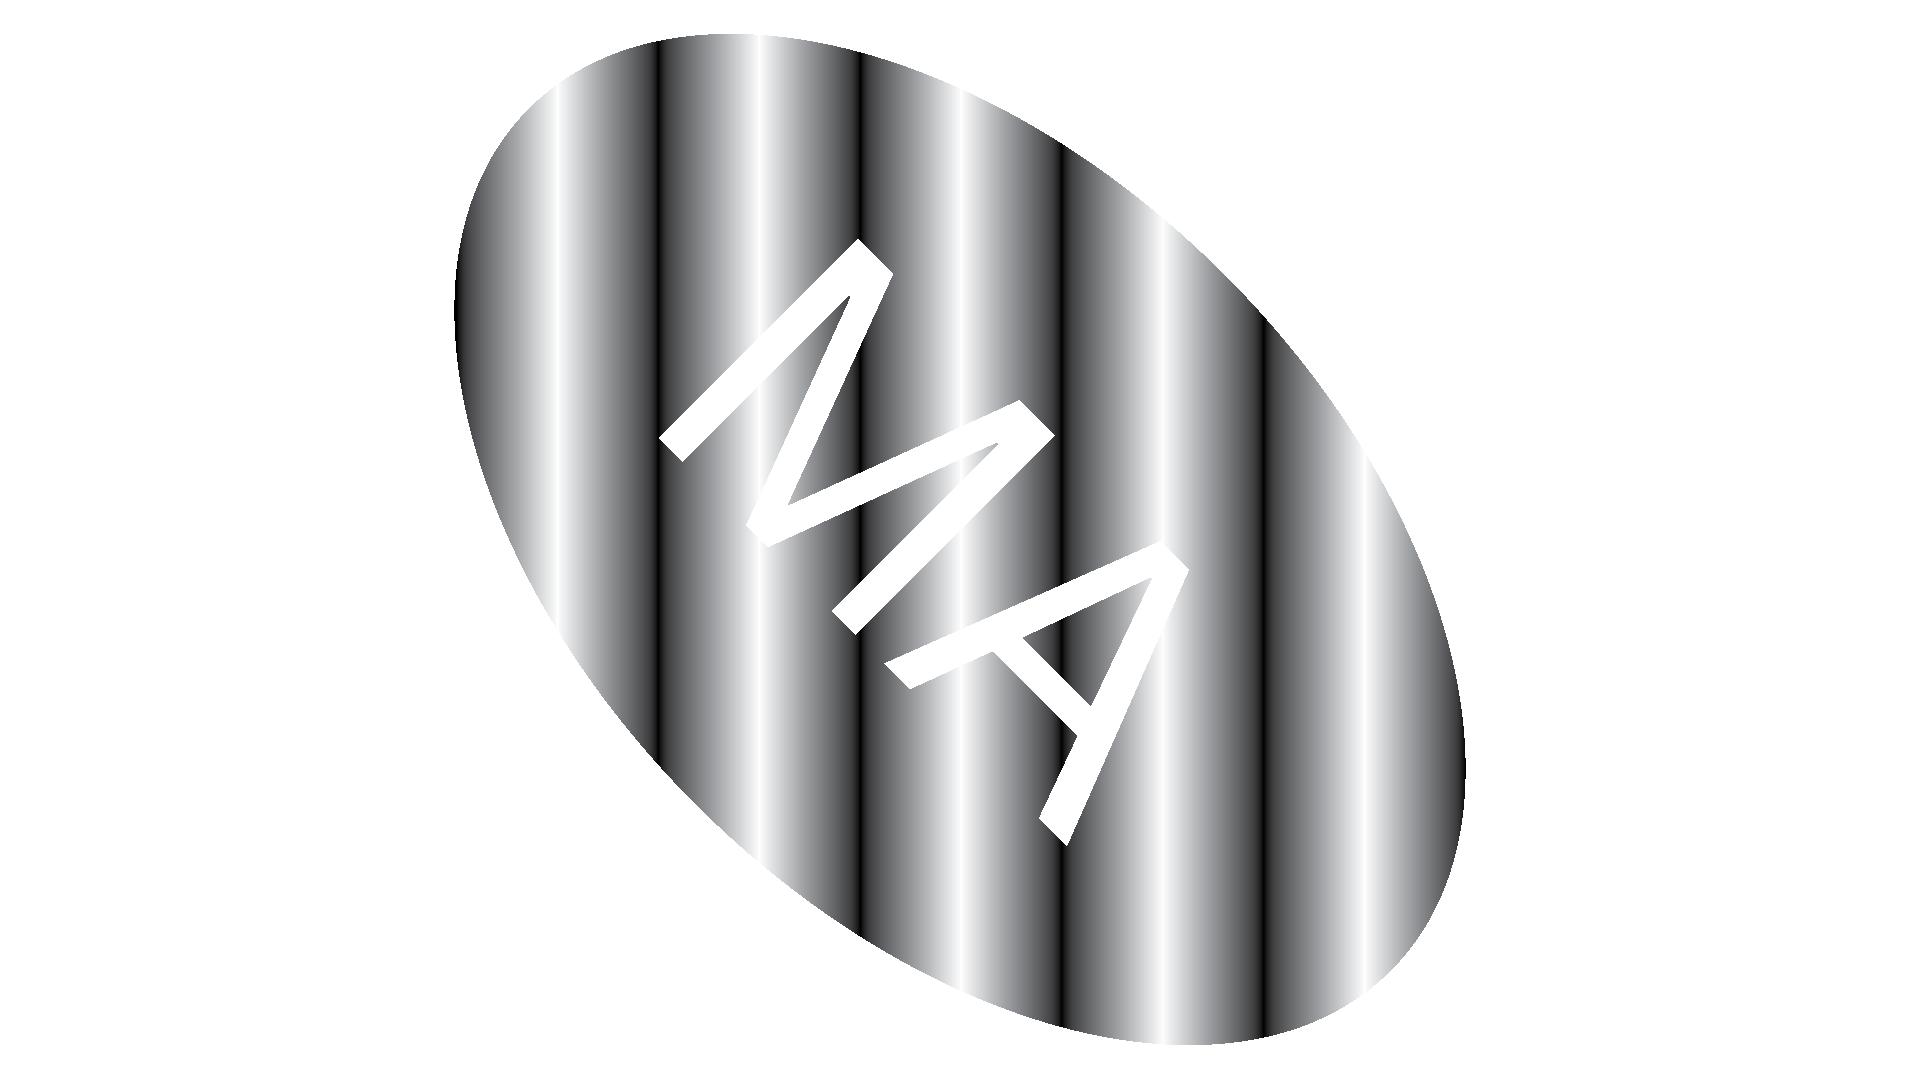 МАГИСТЕРСКАЯ ПРОГРАММА «ЦИФРОВАЯ КУЛЬТУРА И МЕДИЙНОЕ ПРОИЗВОДСТВО»